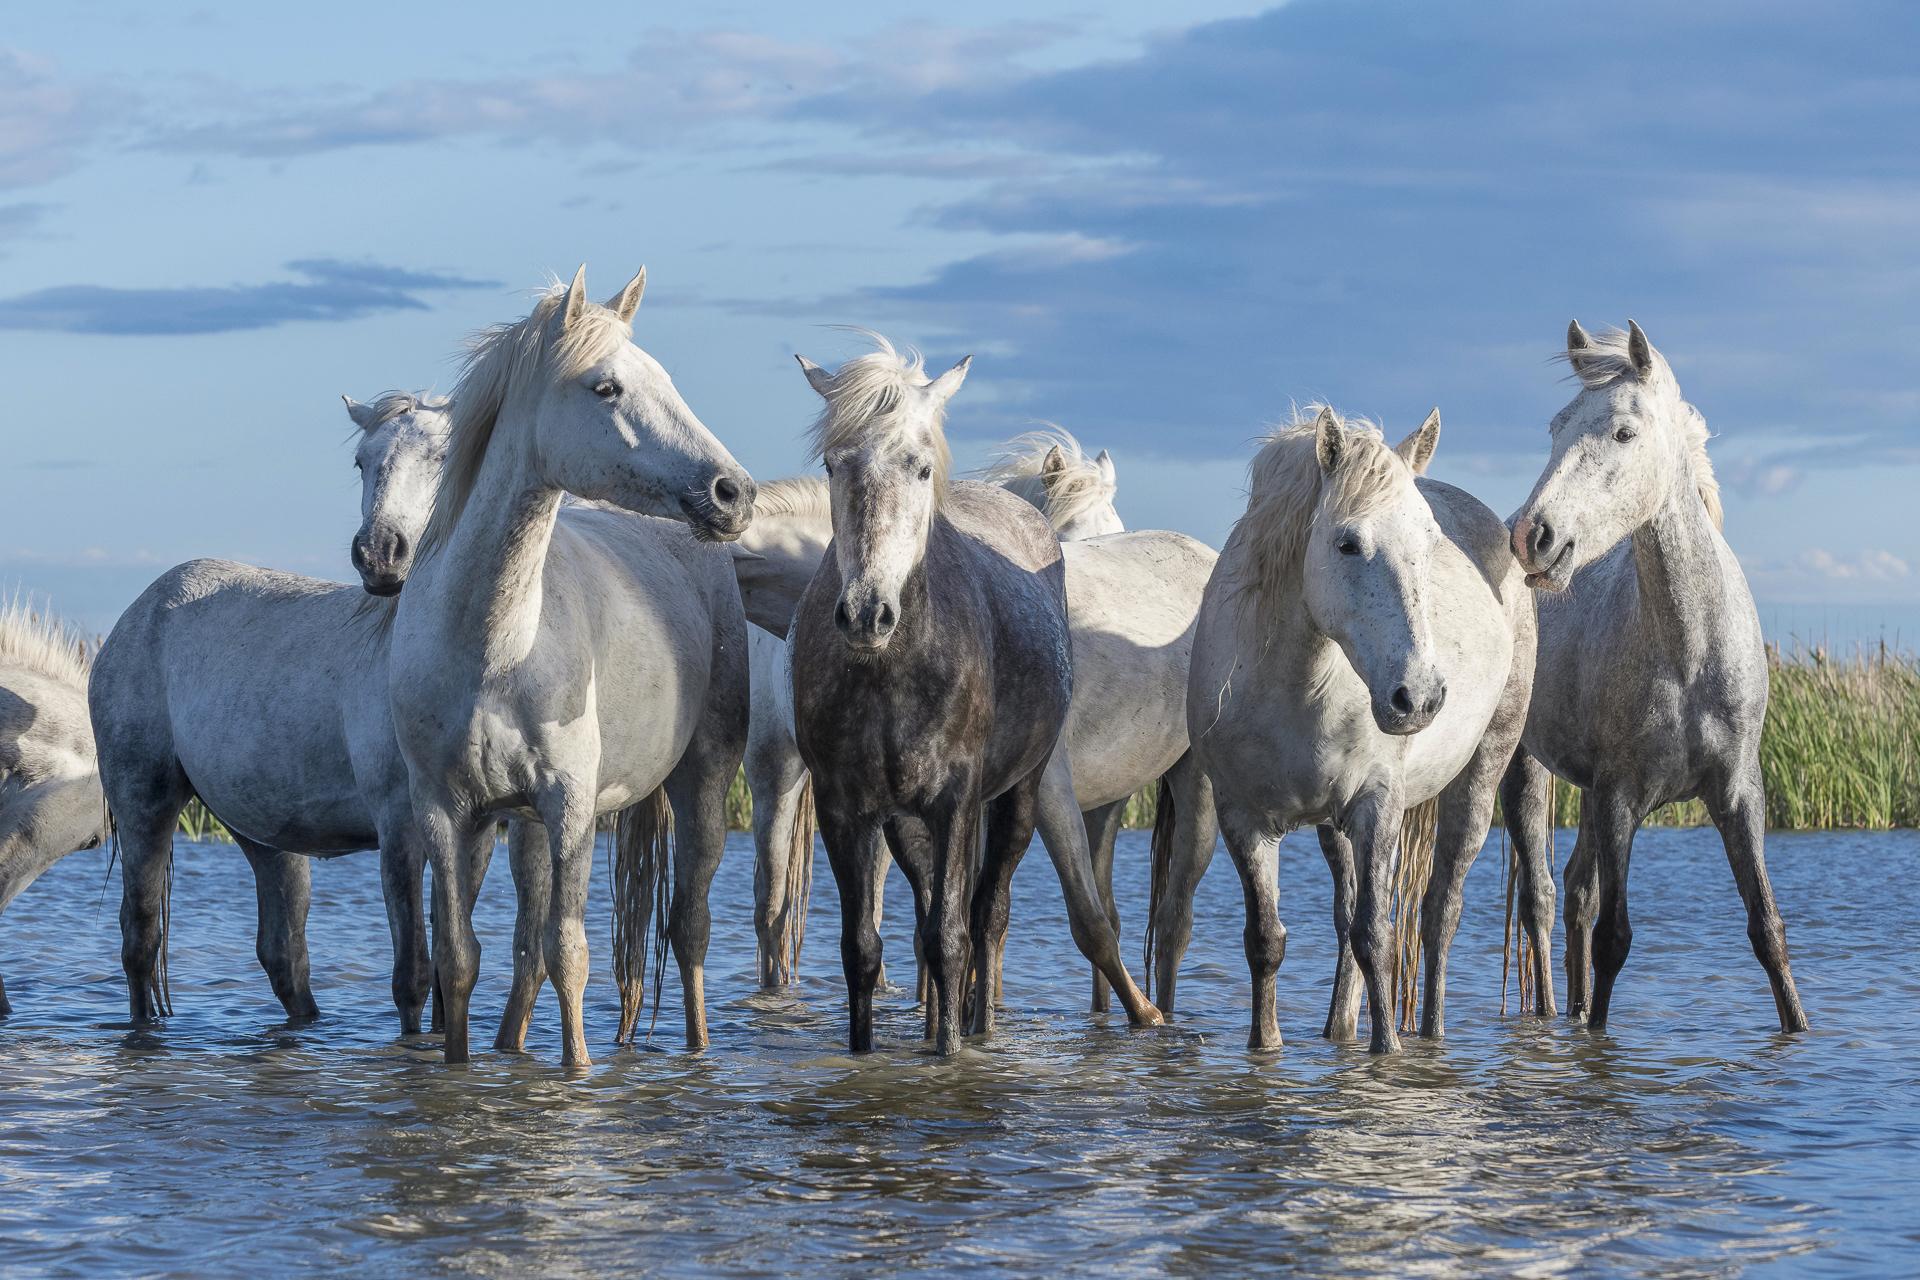 Camargue horses standing in a wetland. Parc naturel régional de Camargue. France.